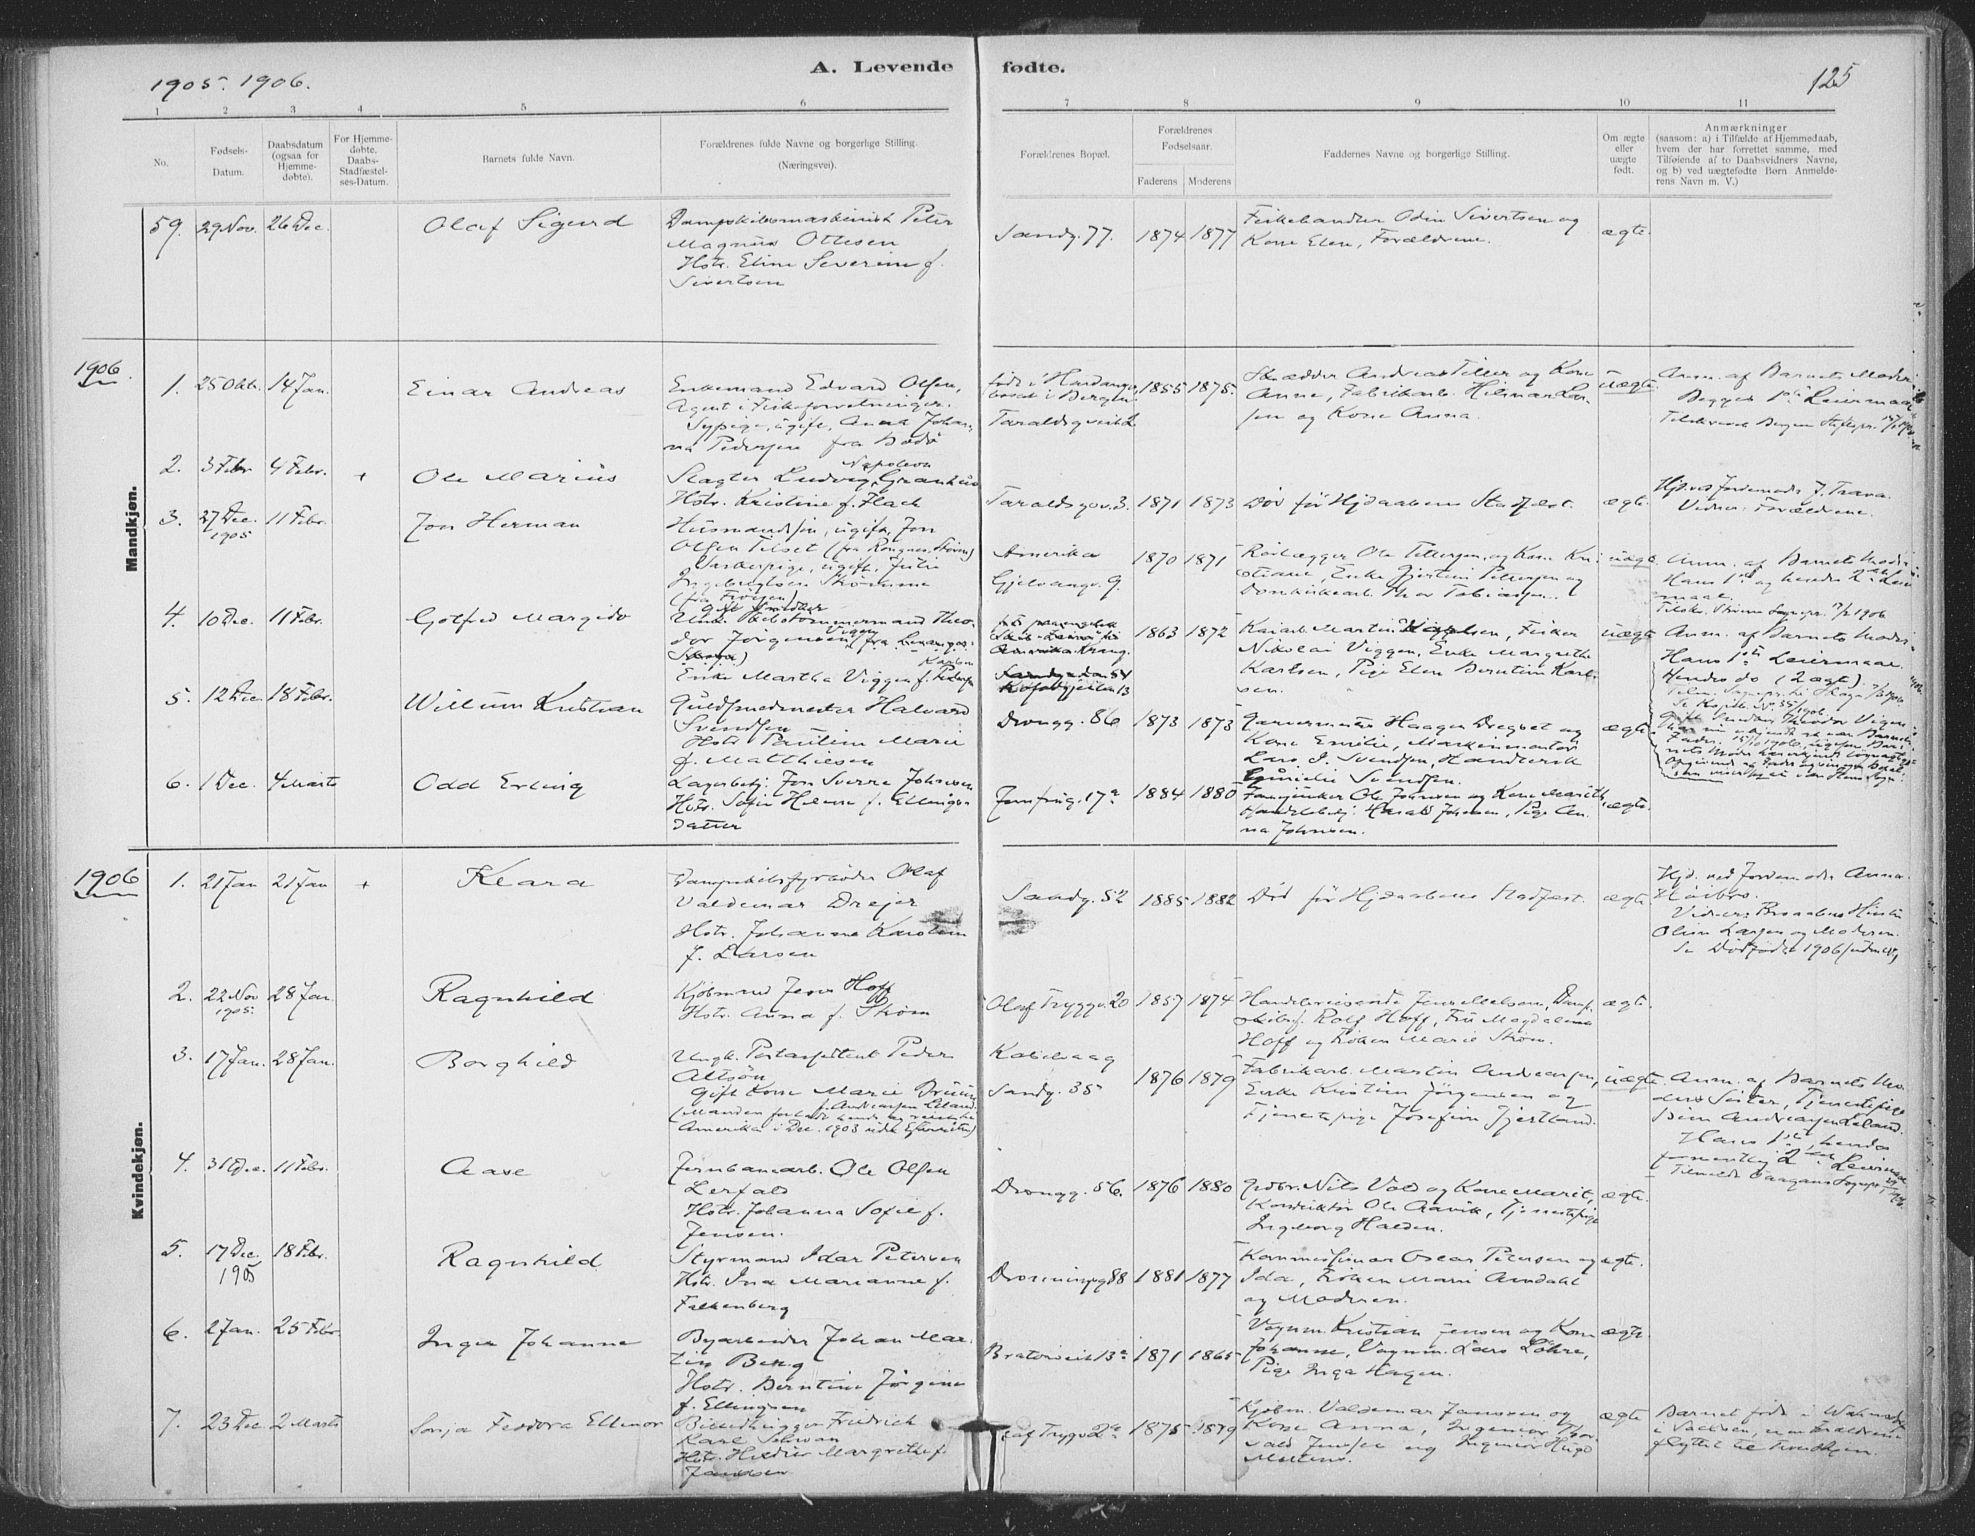 SAT, Ministerialprotokoller, klokkerbøker og fødselsregistre - Sør-Trøndelag, 602/L0122: Ministerialbok nr. 602A20, 1892-1908, s. 125